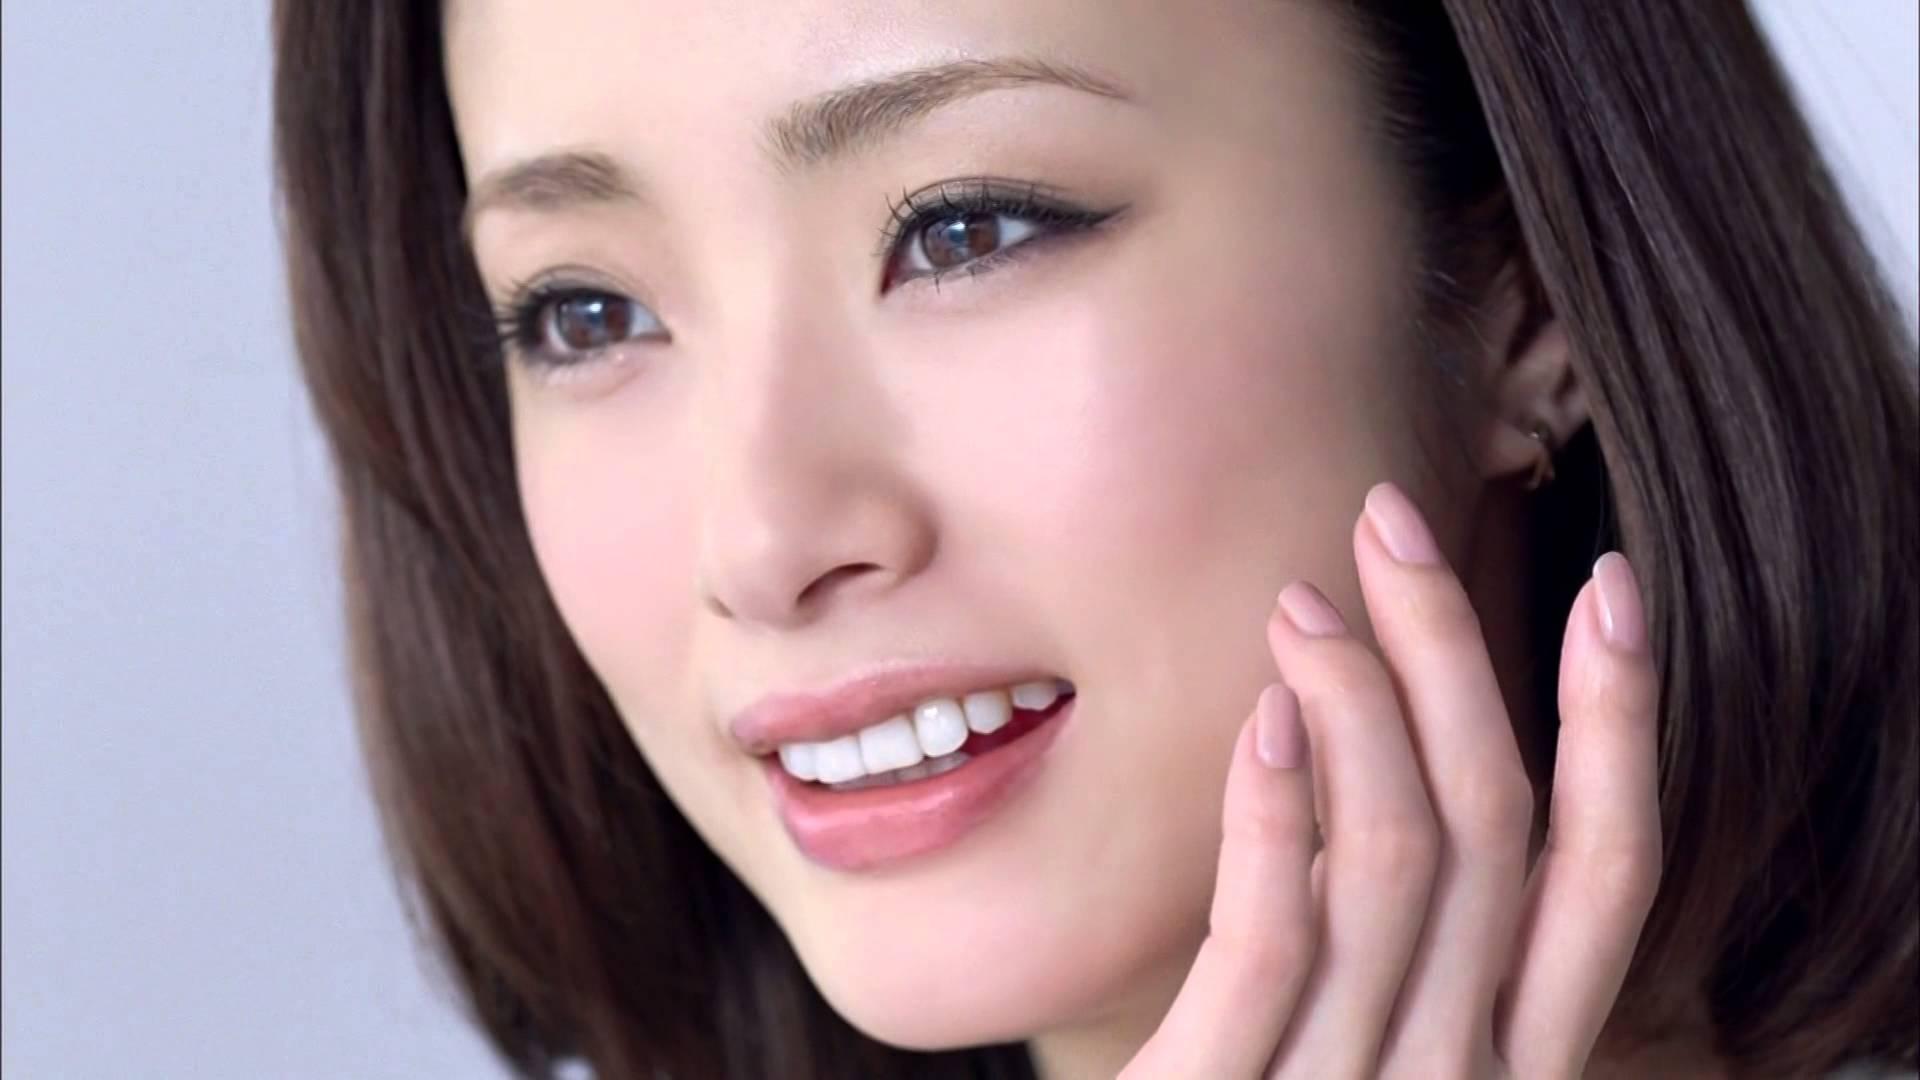 透き通る肌の持ち主!女優、上戸彩さんのメイク方法とは!?のサムネイル画像